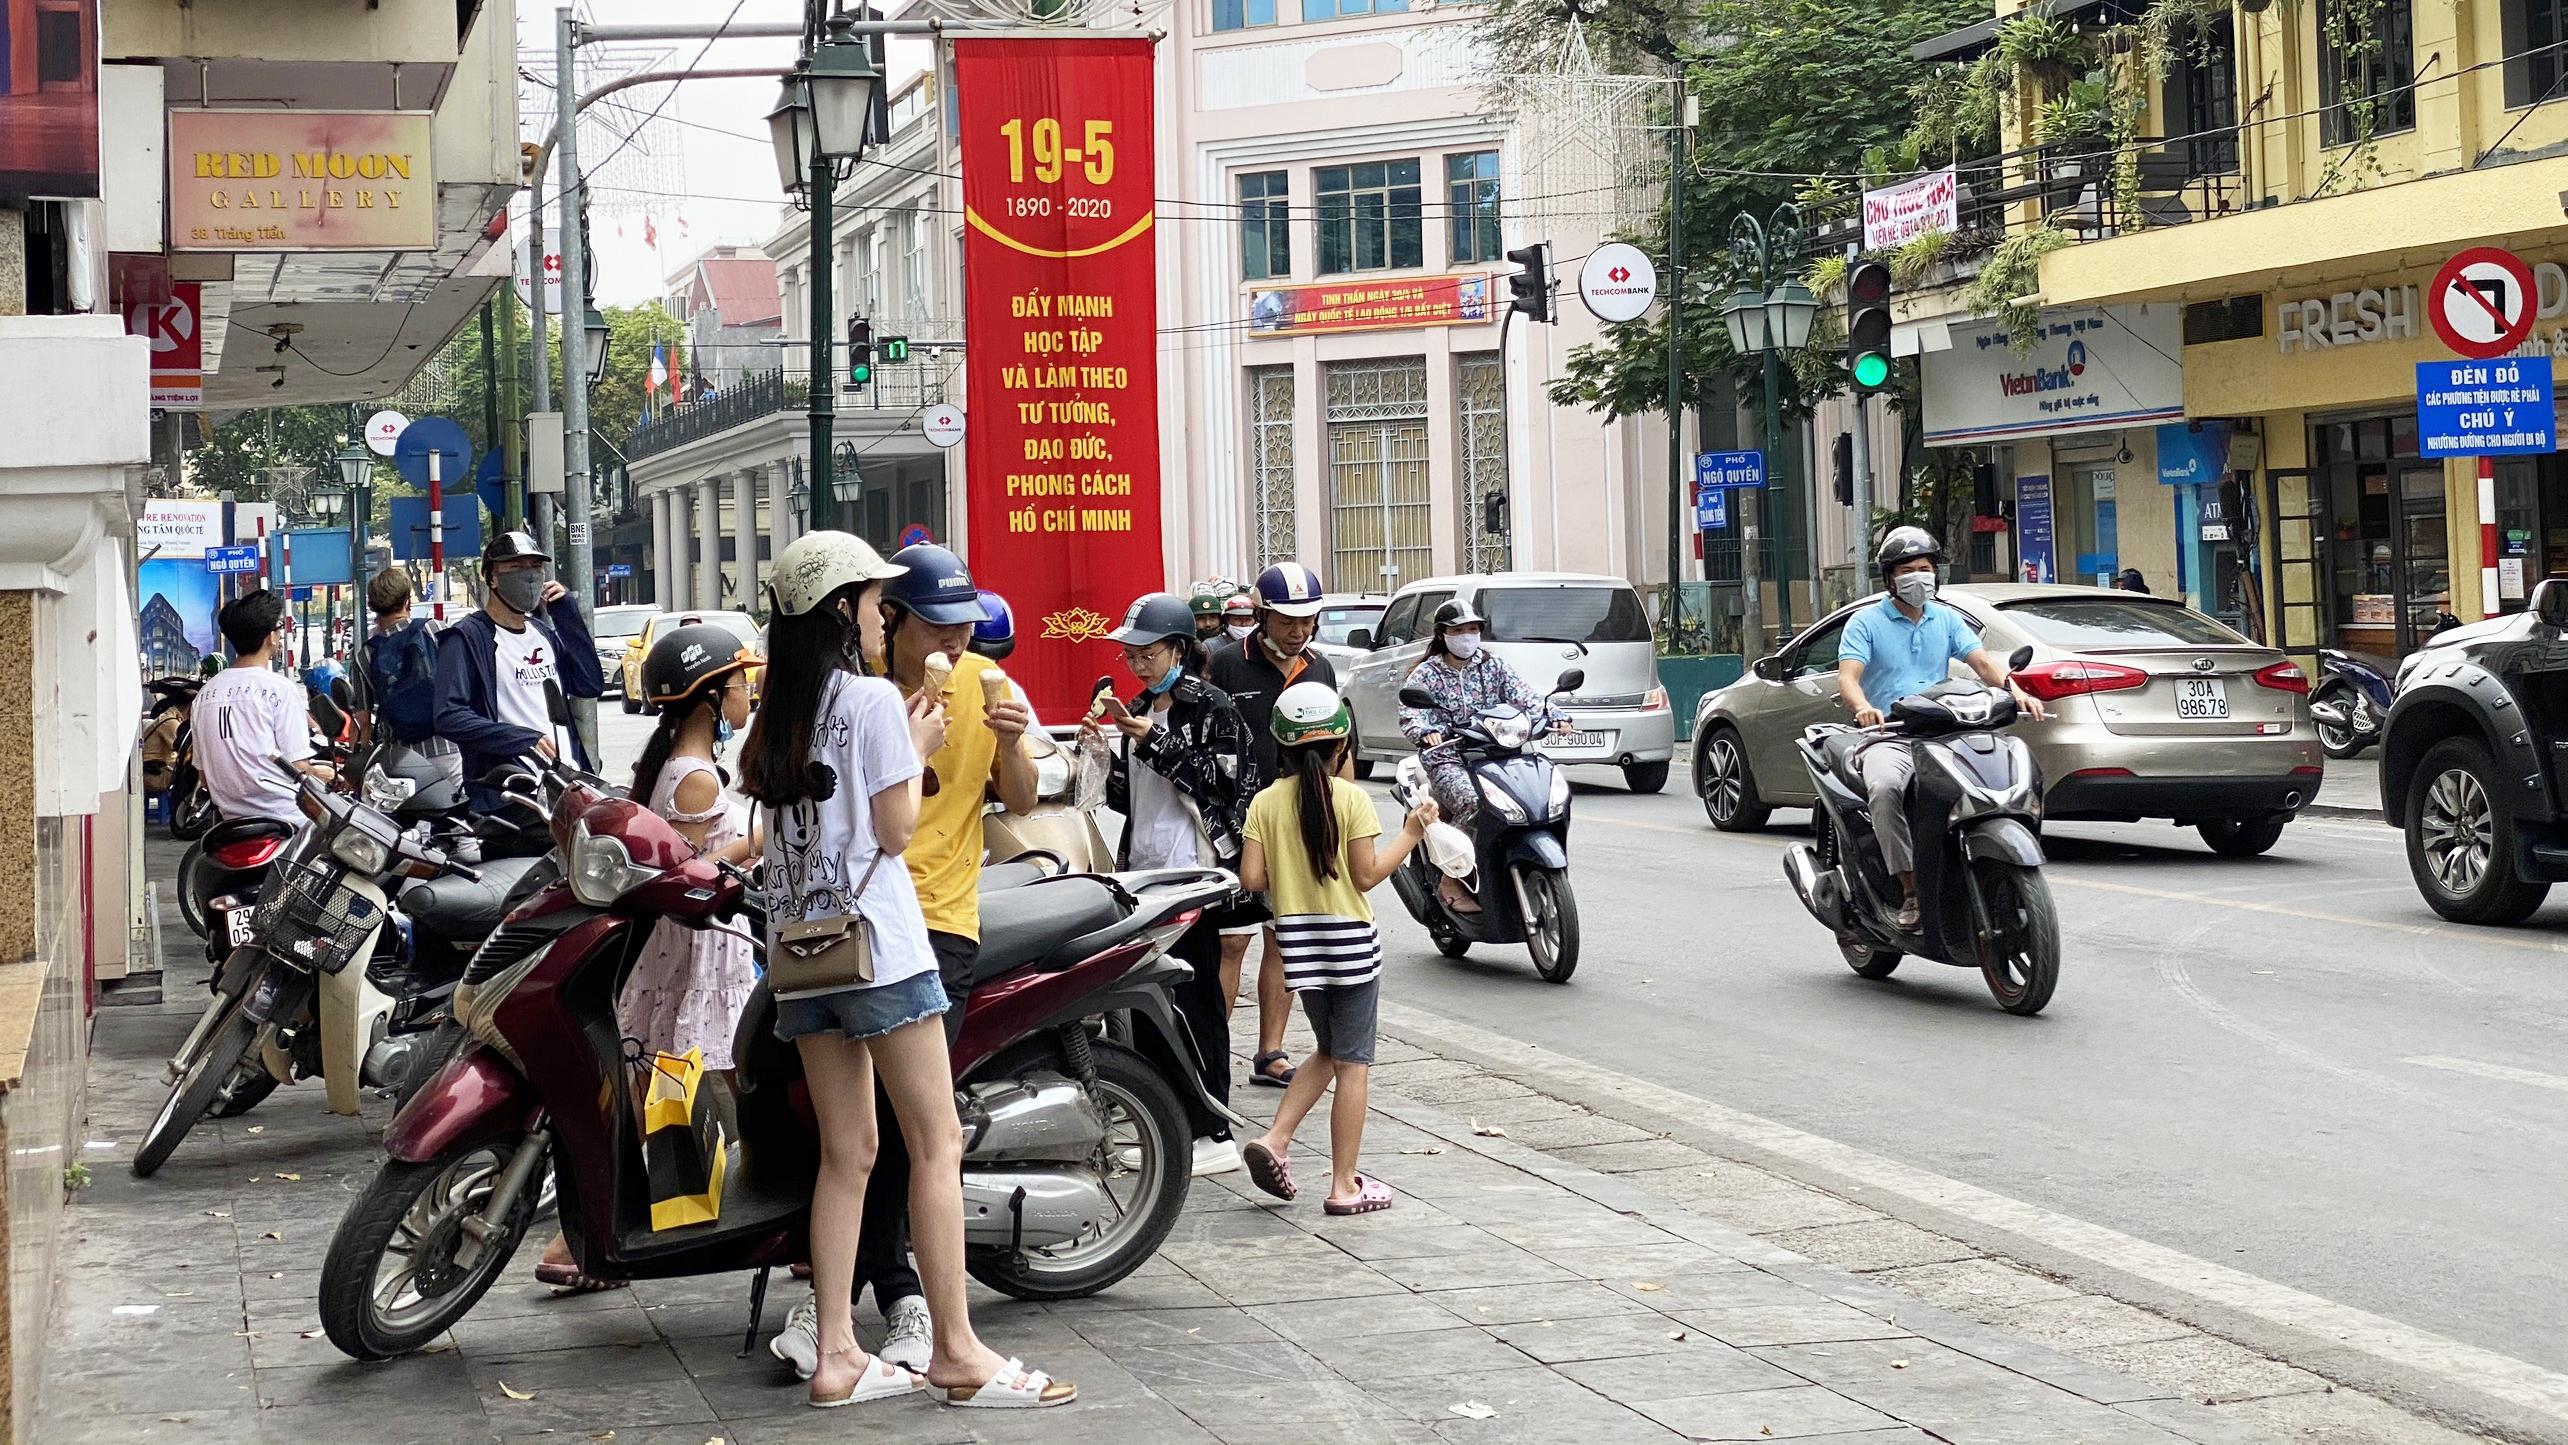 Những ngày đầu hè, người dân đã rủ nhau đến tiệm kem nức tiếng của Hà Nội để hạ nhiệt - Ảnh 3.